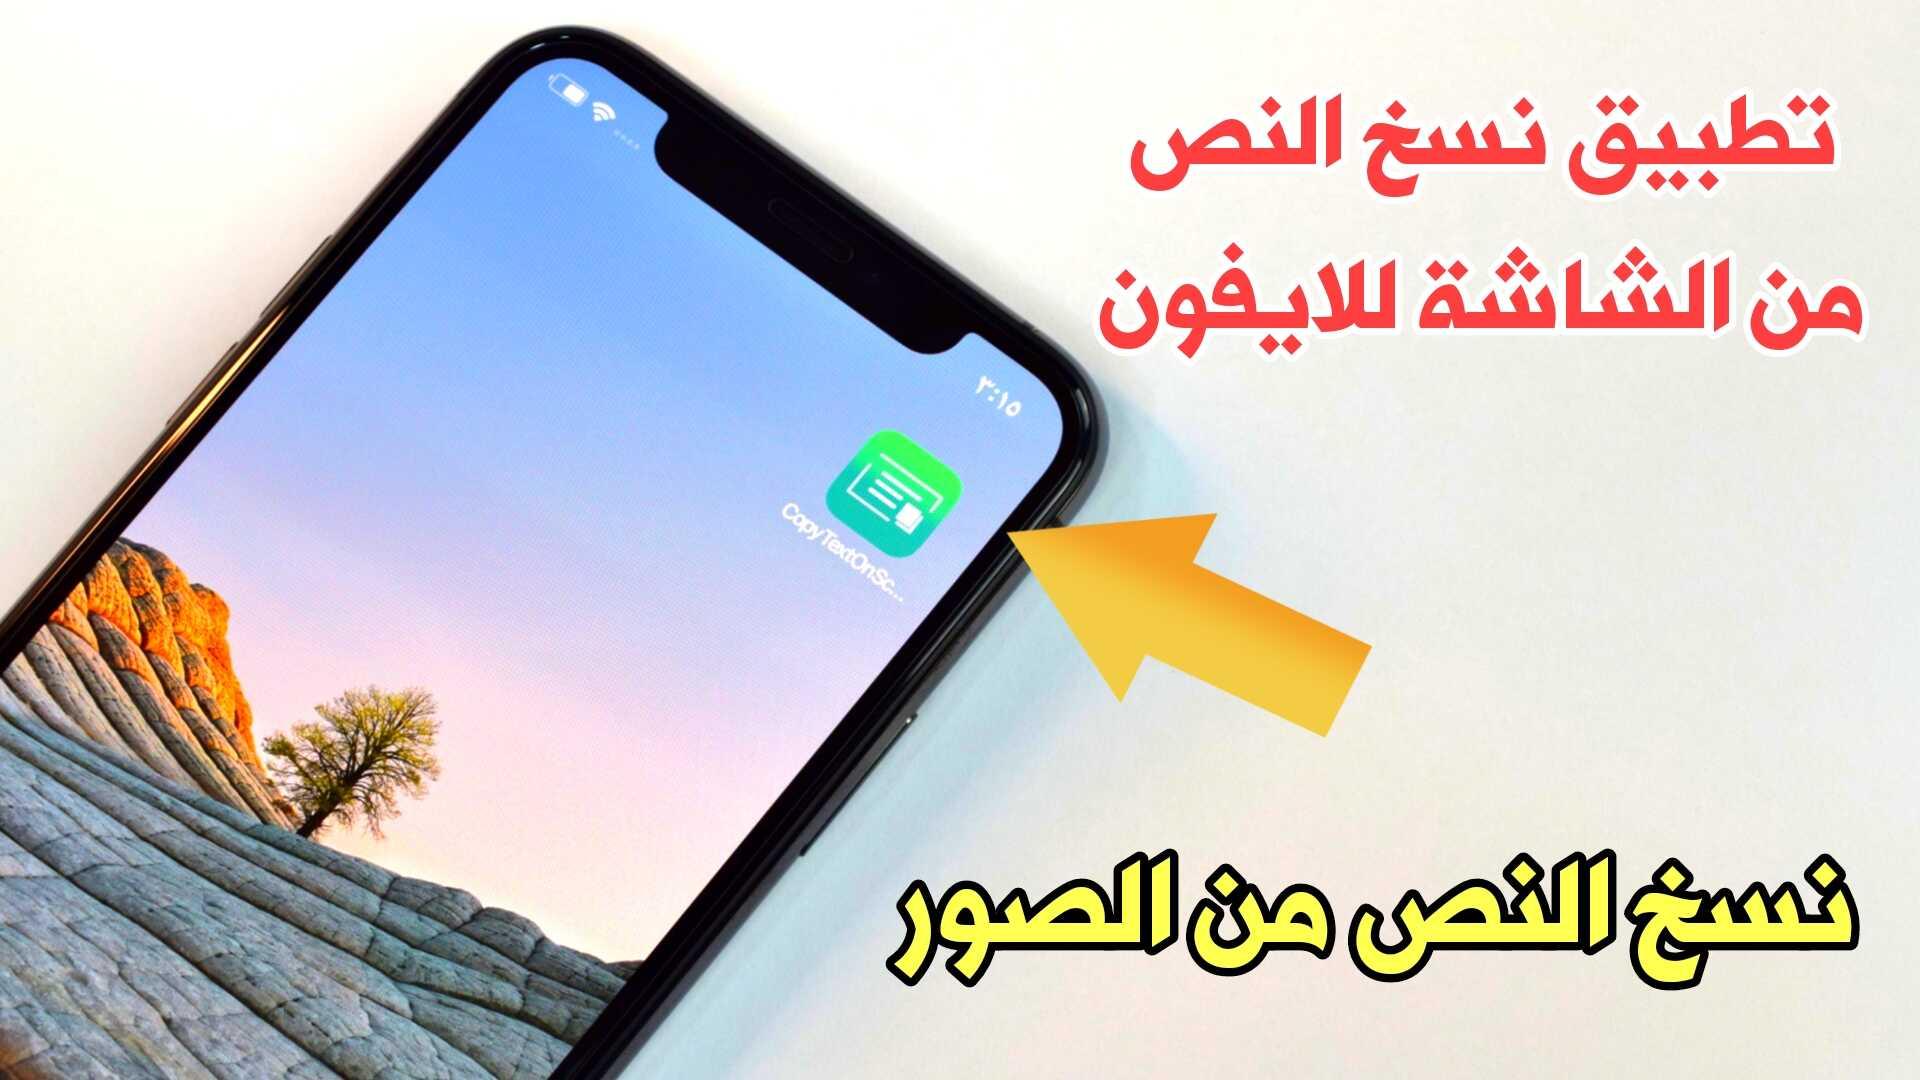 تطبيق نسخ النص من الشاشة للايفون نسخ النص من الصور يدعم العربية